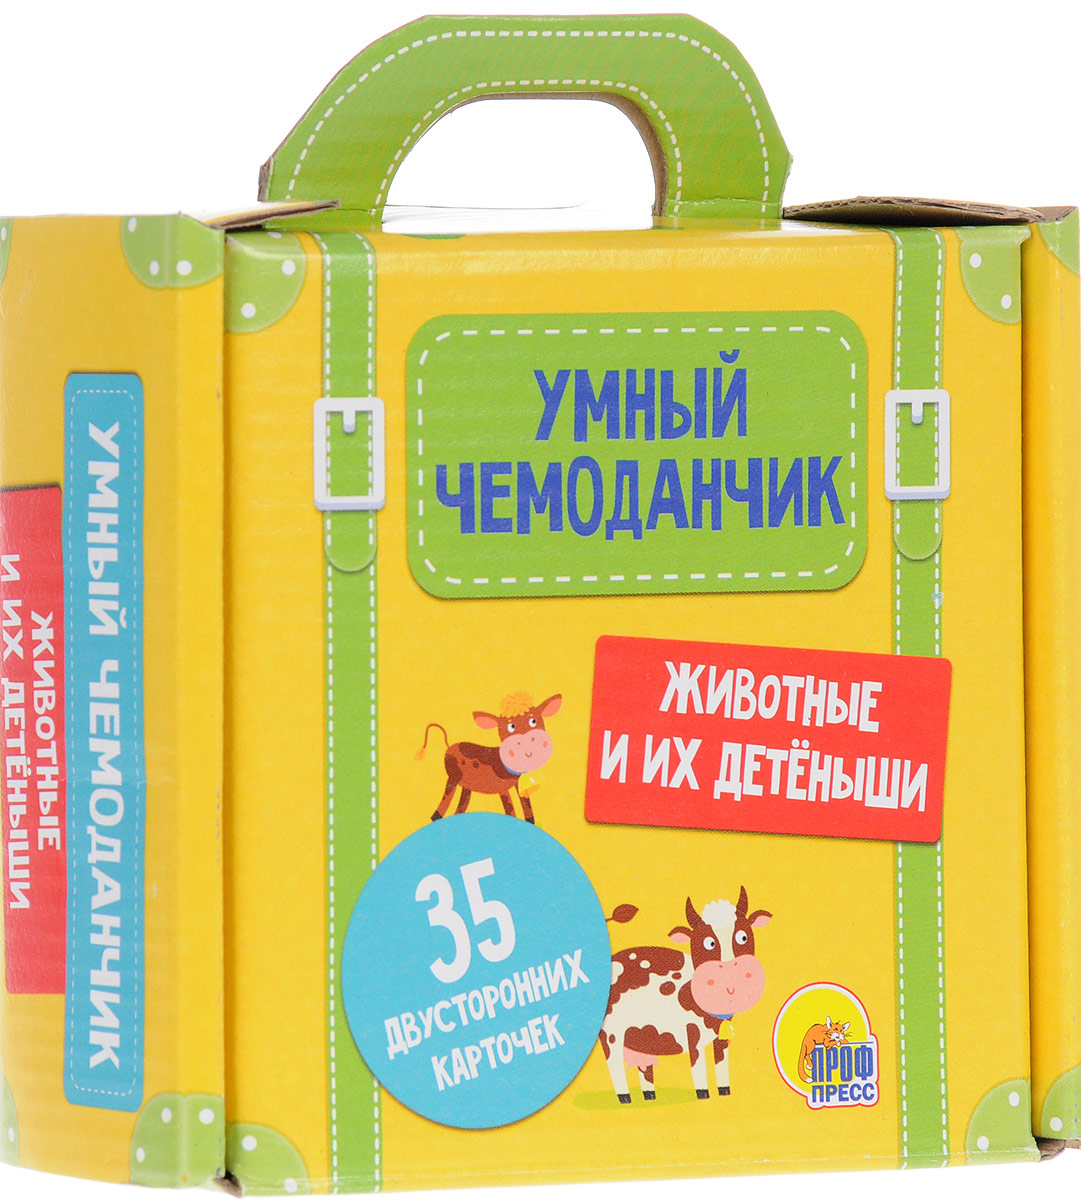 Проф-пресс Обучающие карточки Умный чемоданчик Животные и их детеныши мельник в домашние животные и их детеныши page 1